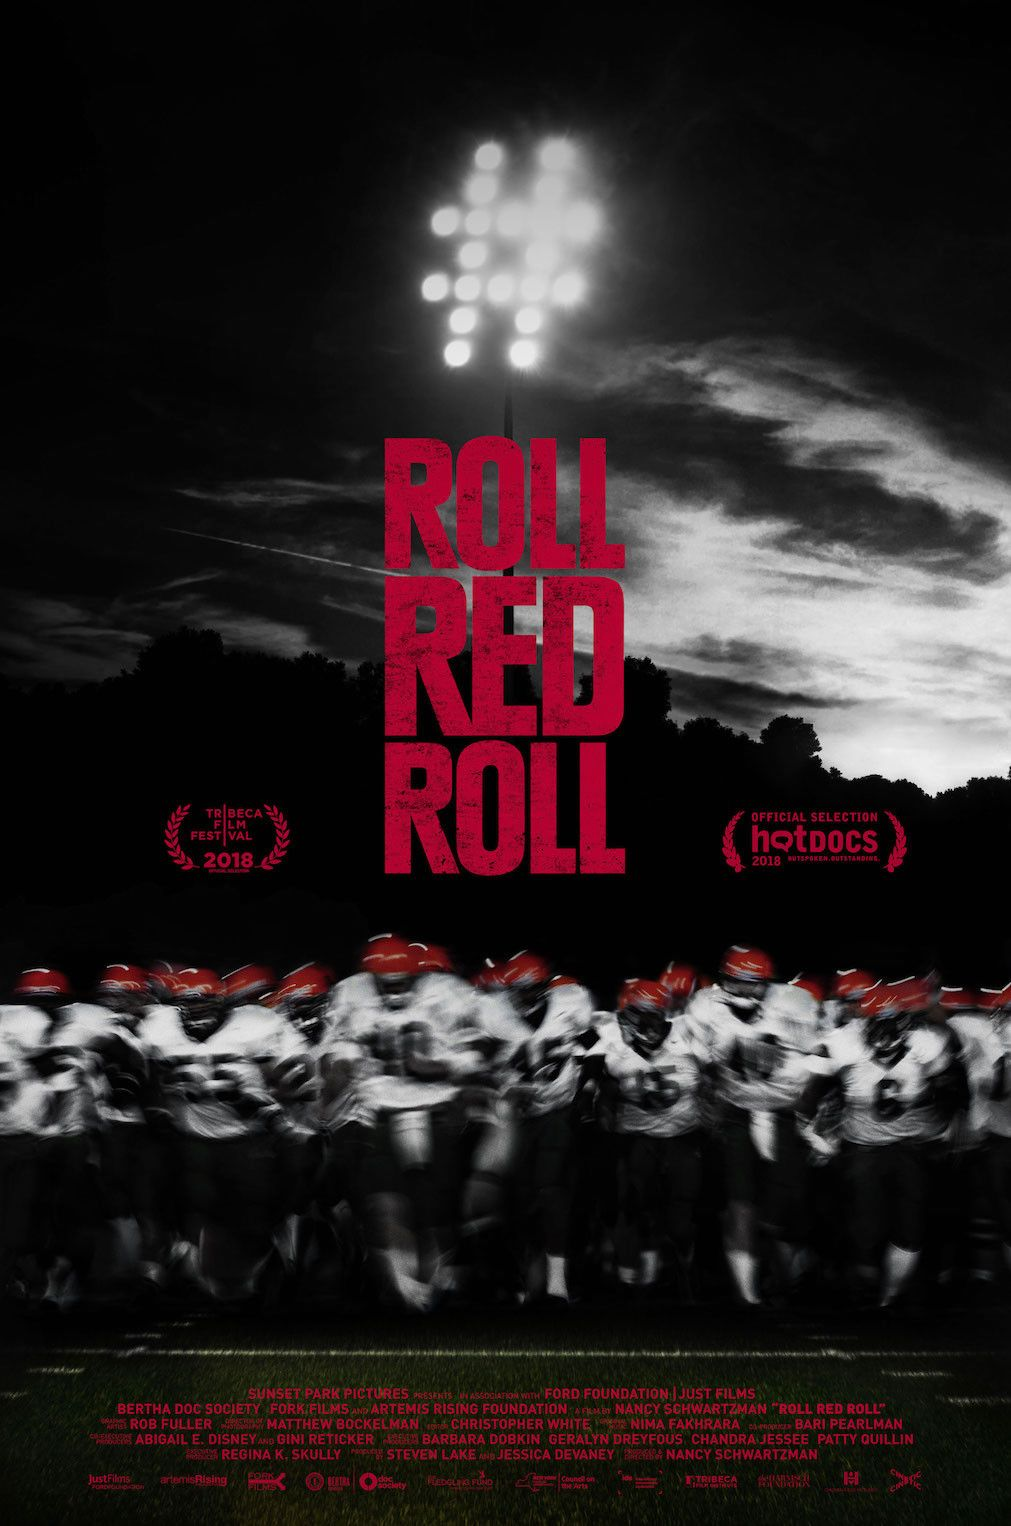 Roll Red Roll (2018) in 2020 Social media bullying, Park